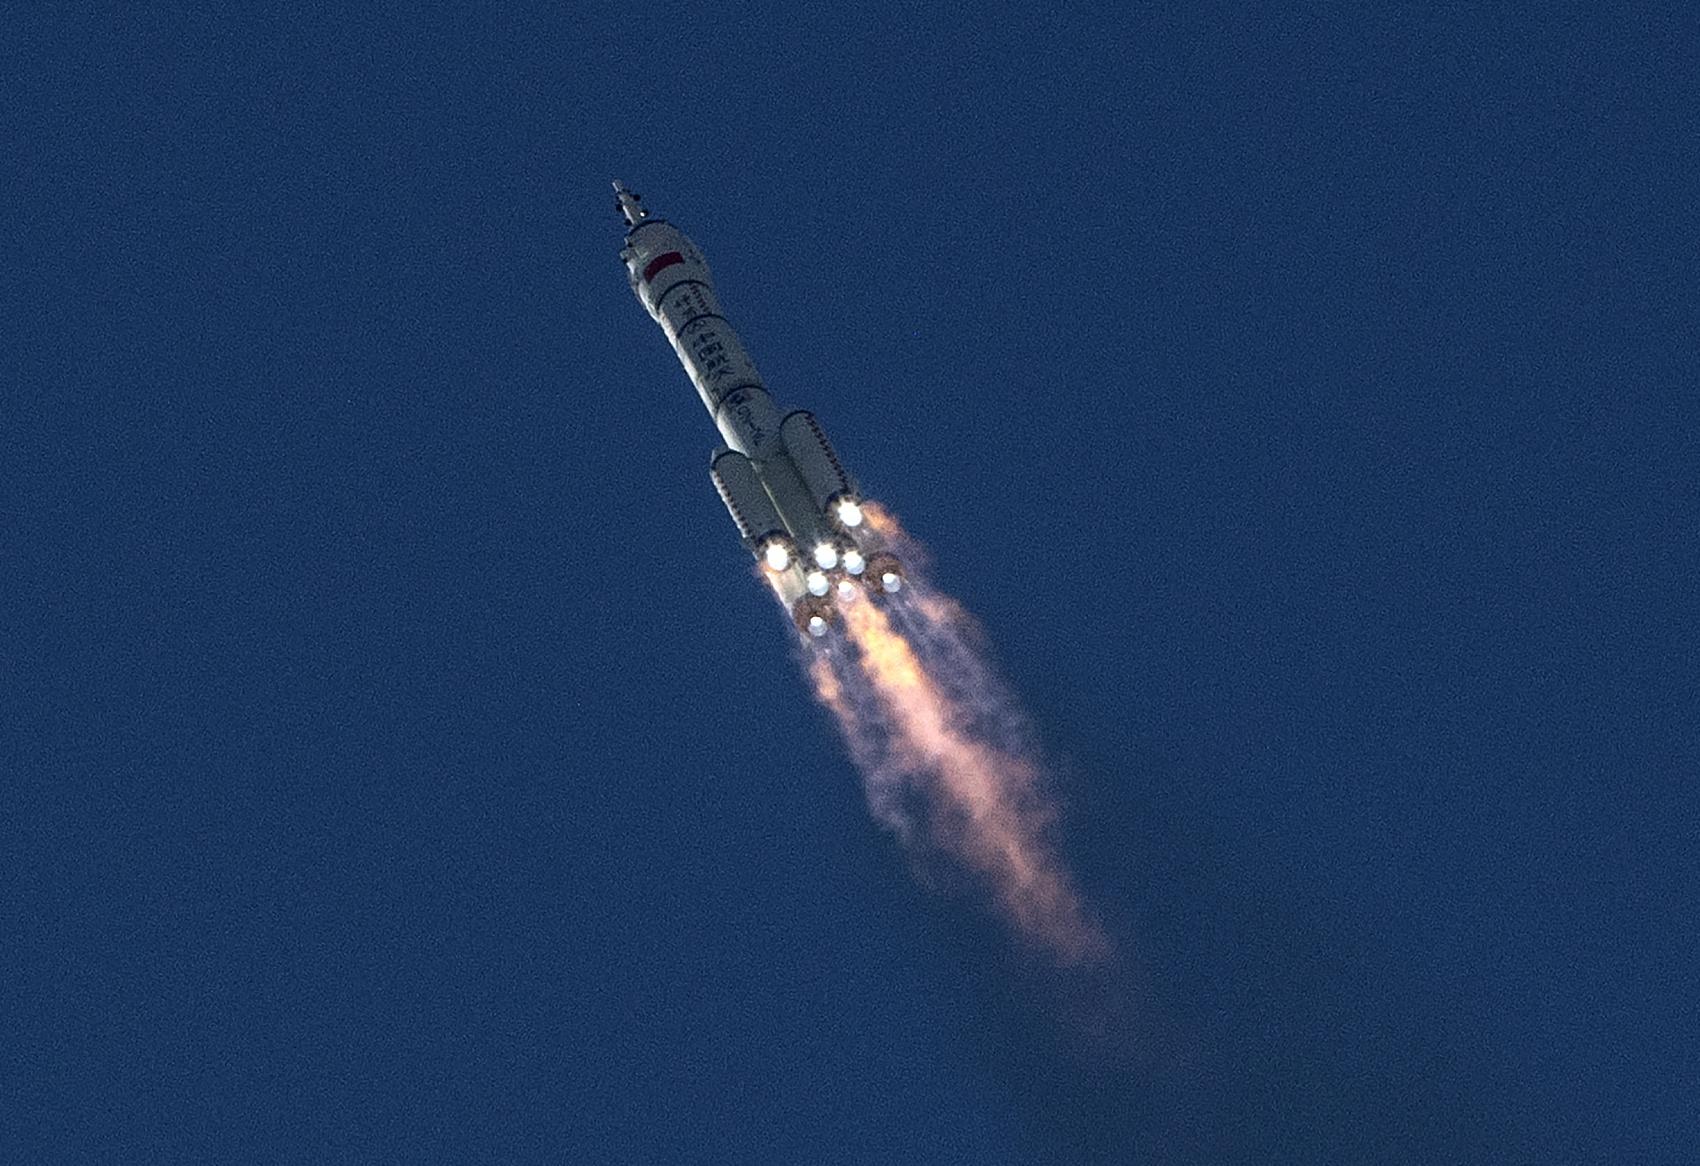 白酒航天梦:茅台酒曲上太空,新派酒企在火箭上打广告